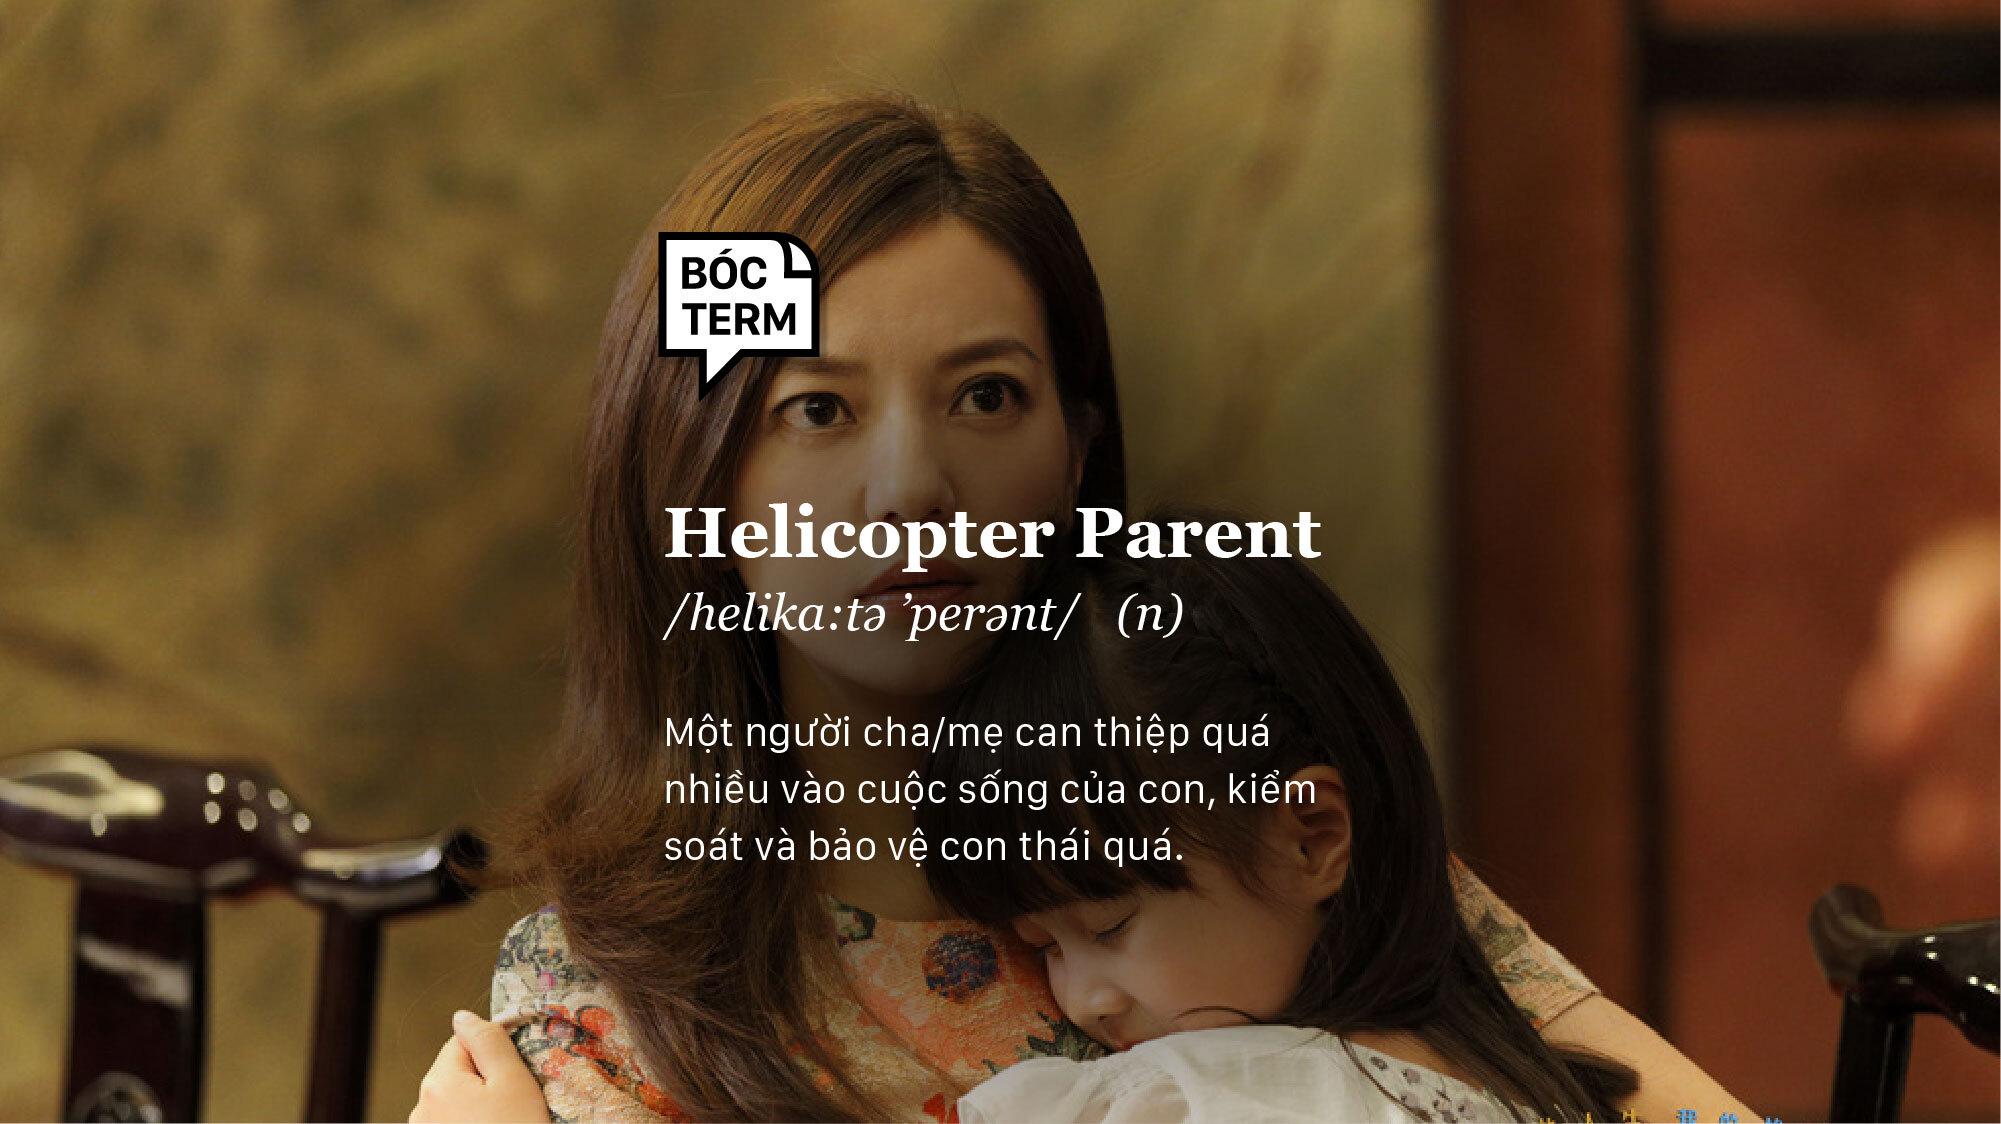 Bóc Term: Helicopter parent (cha mẹ trực thăng) là gì?